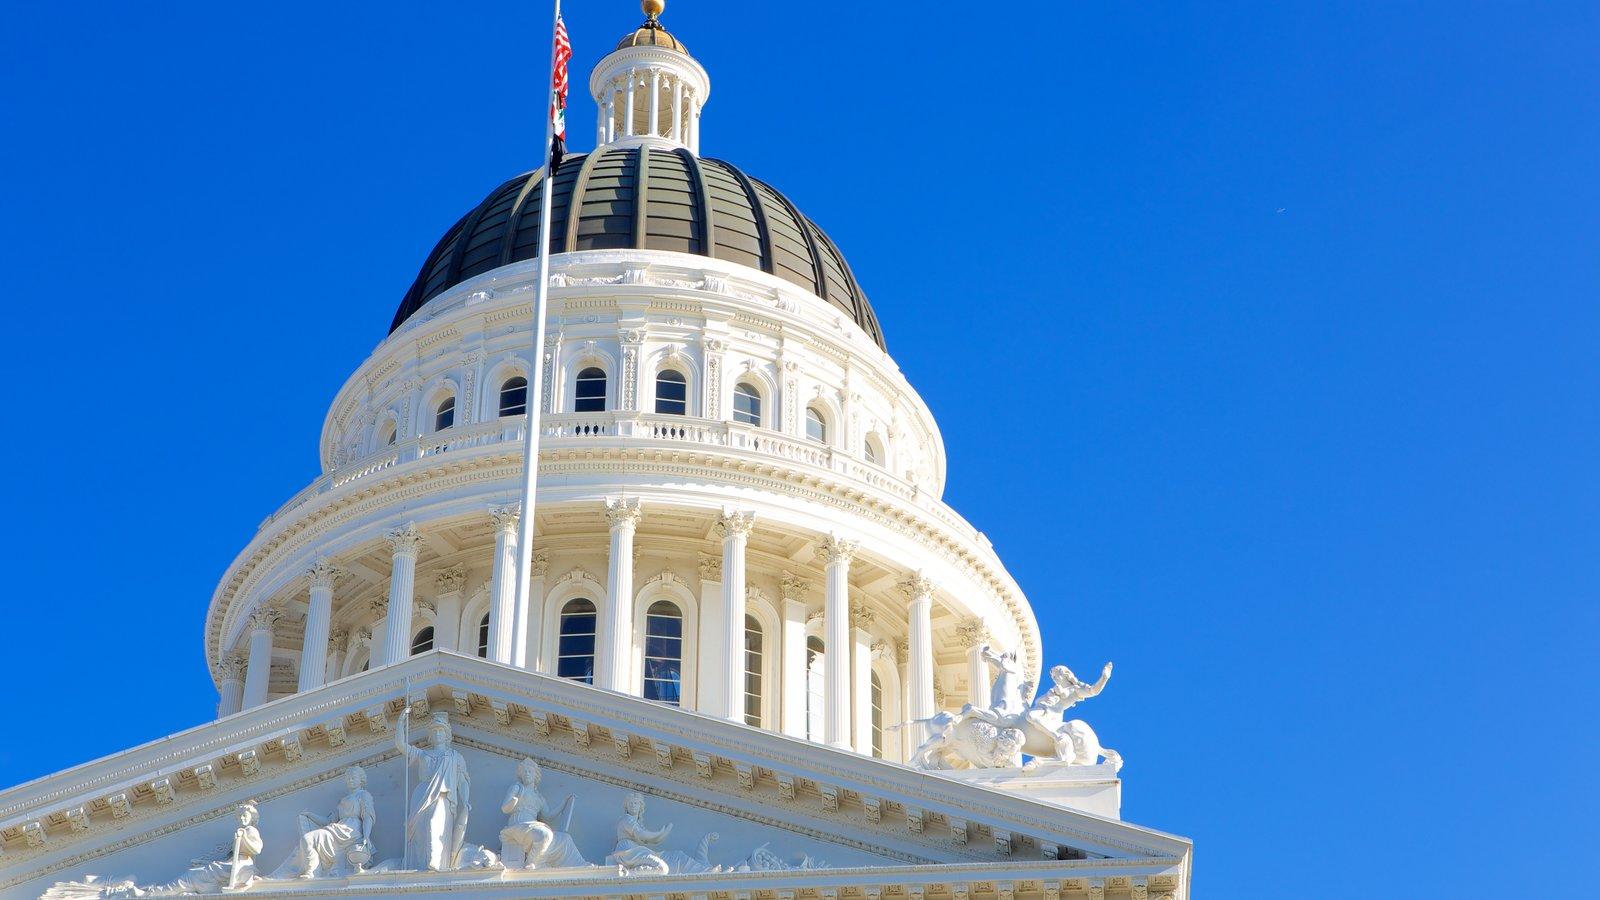 California State Capitol mostrando um edifício administrativo e arquitetura de patrimônio